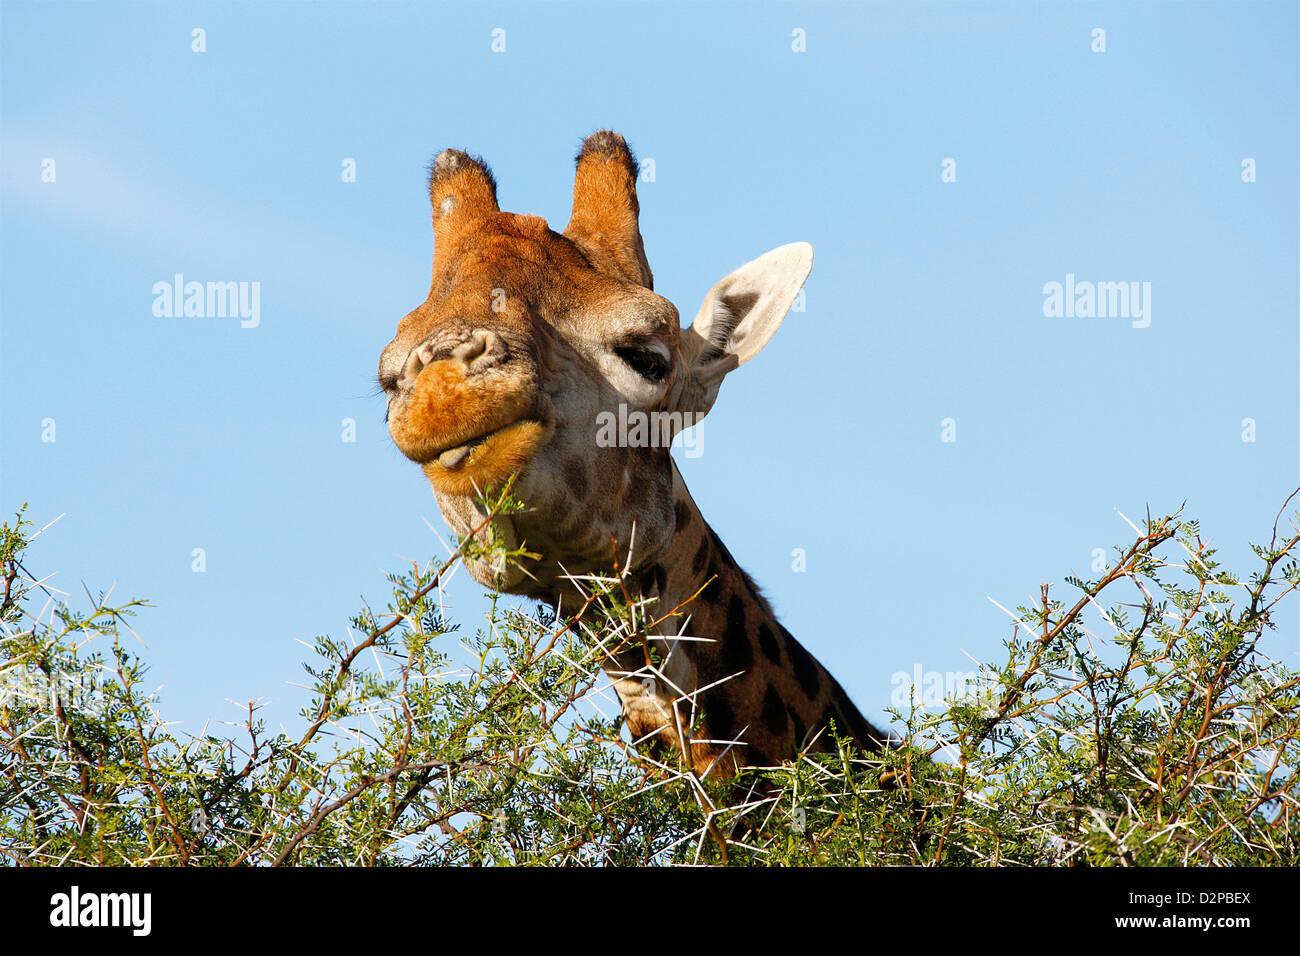 giraffe eating leaves Stock Photo